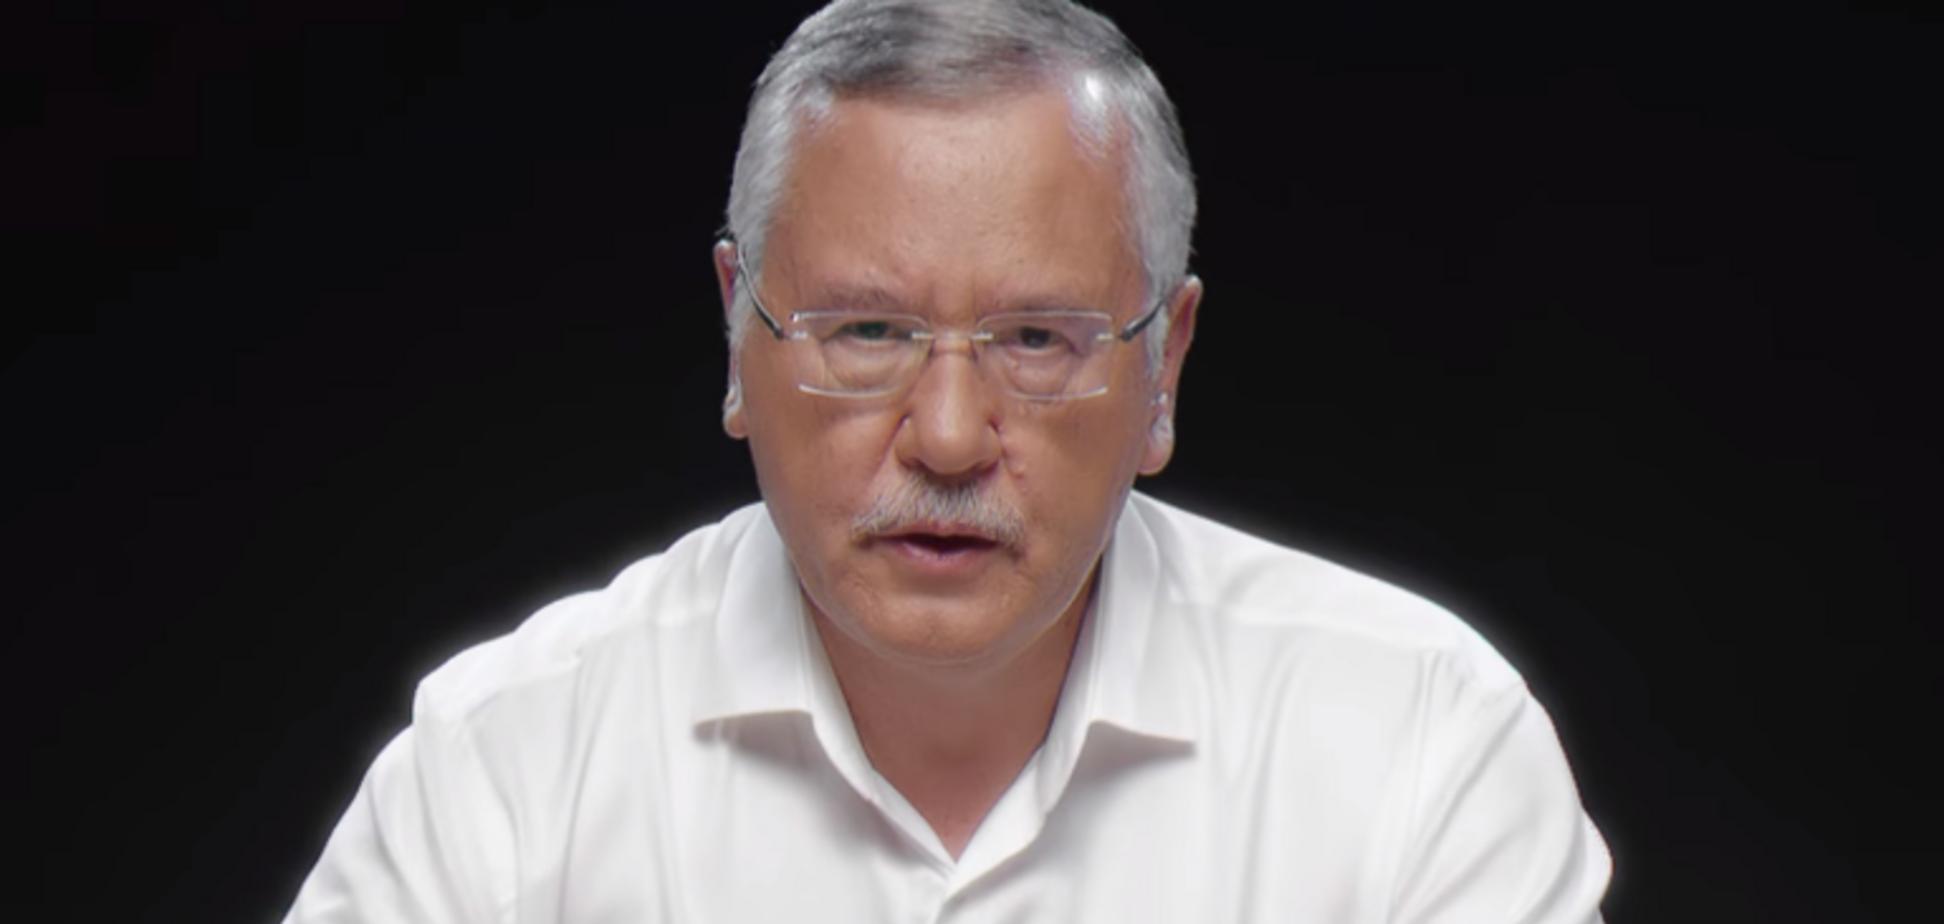 Гриценко зняв новий ролик з шахами